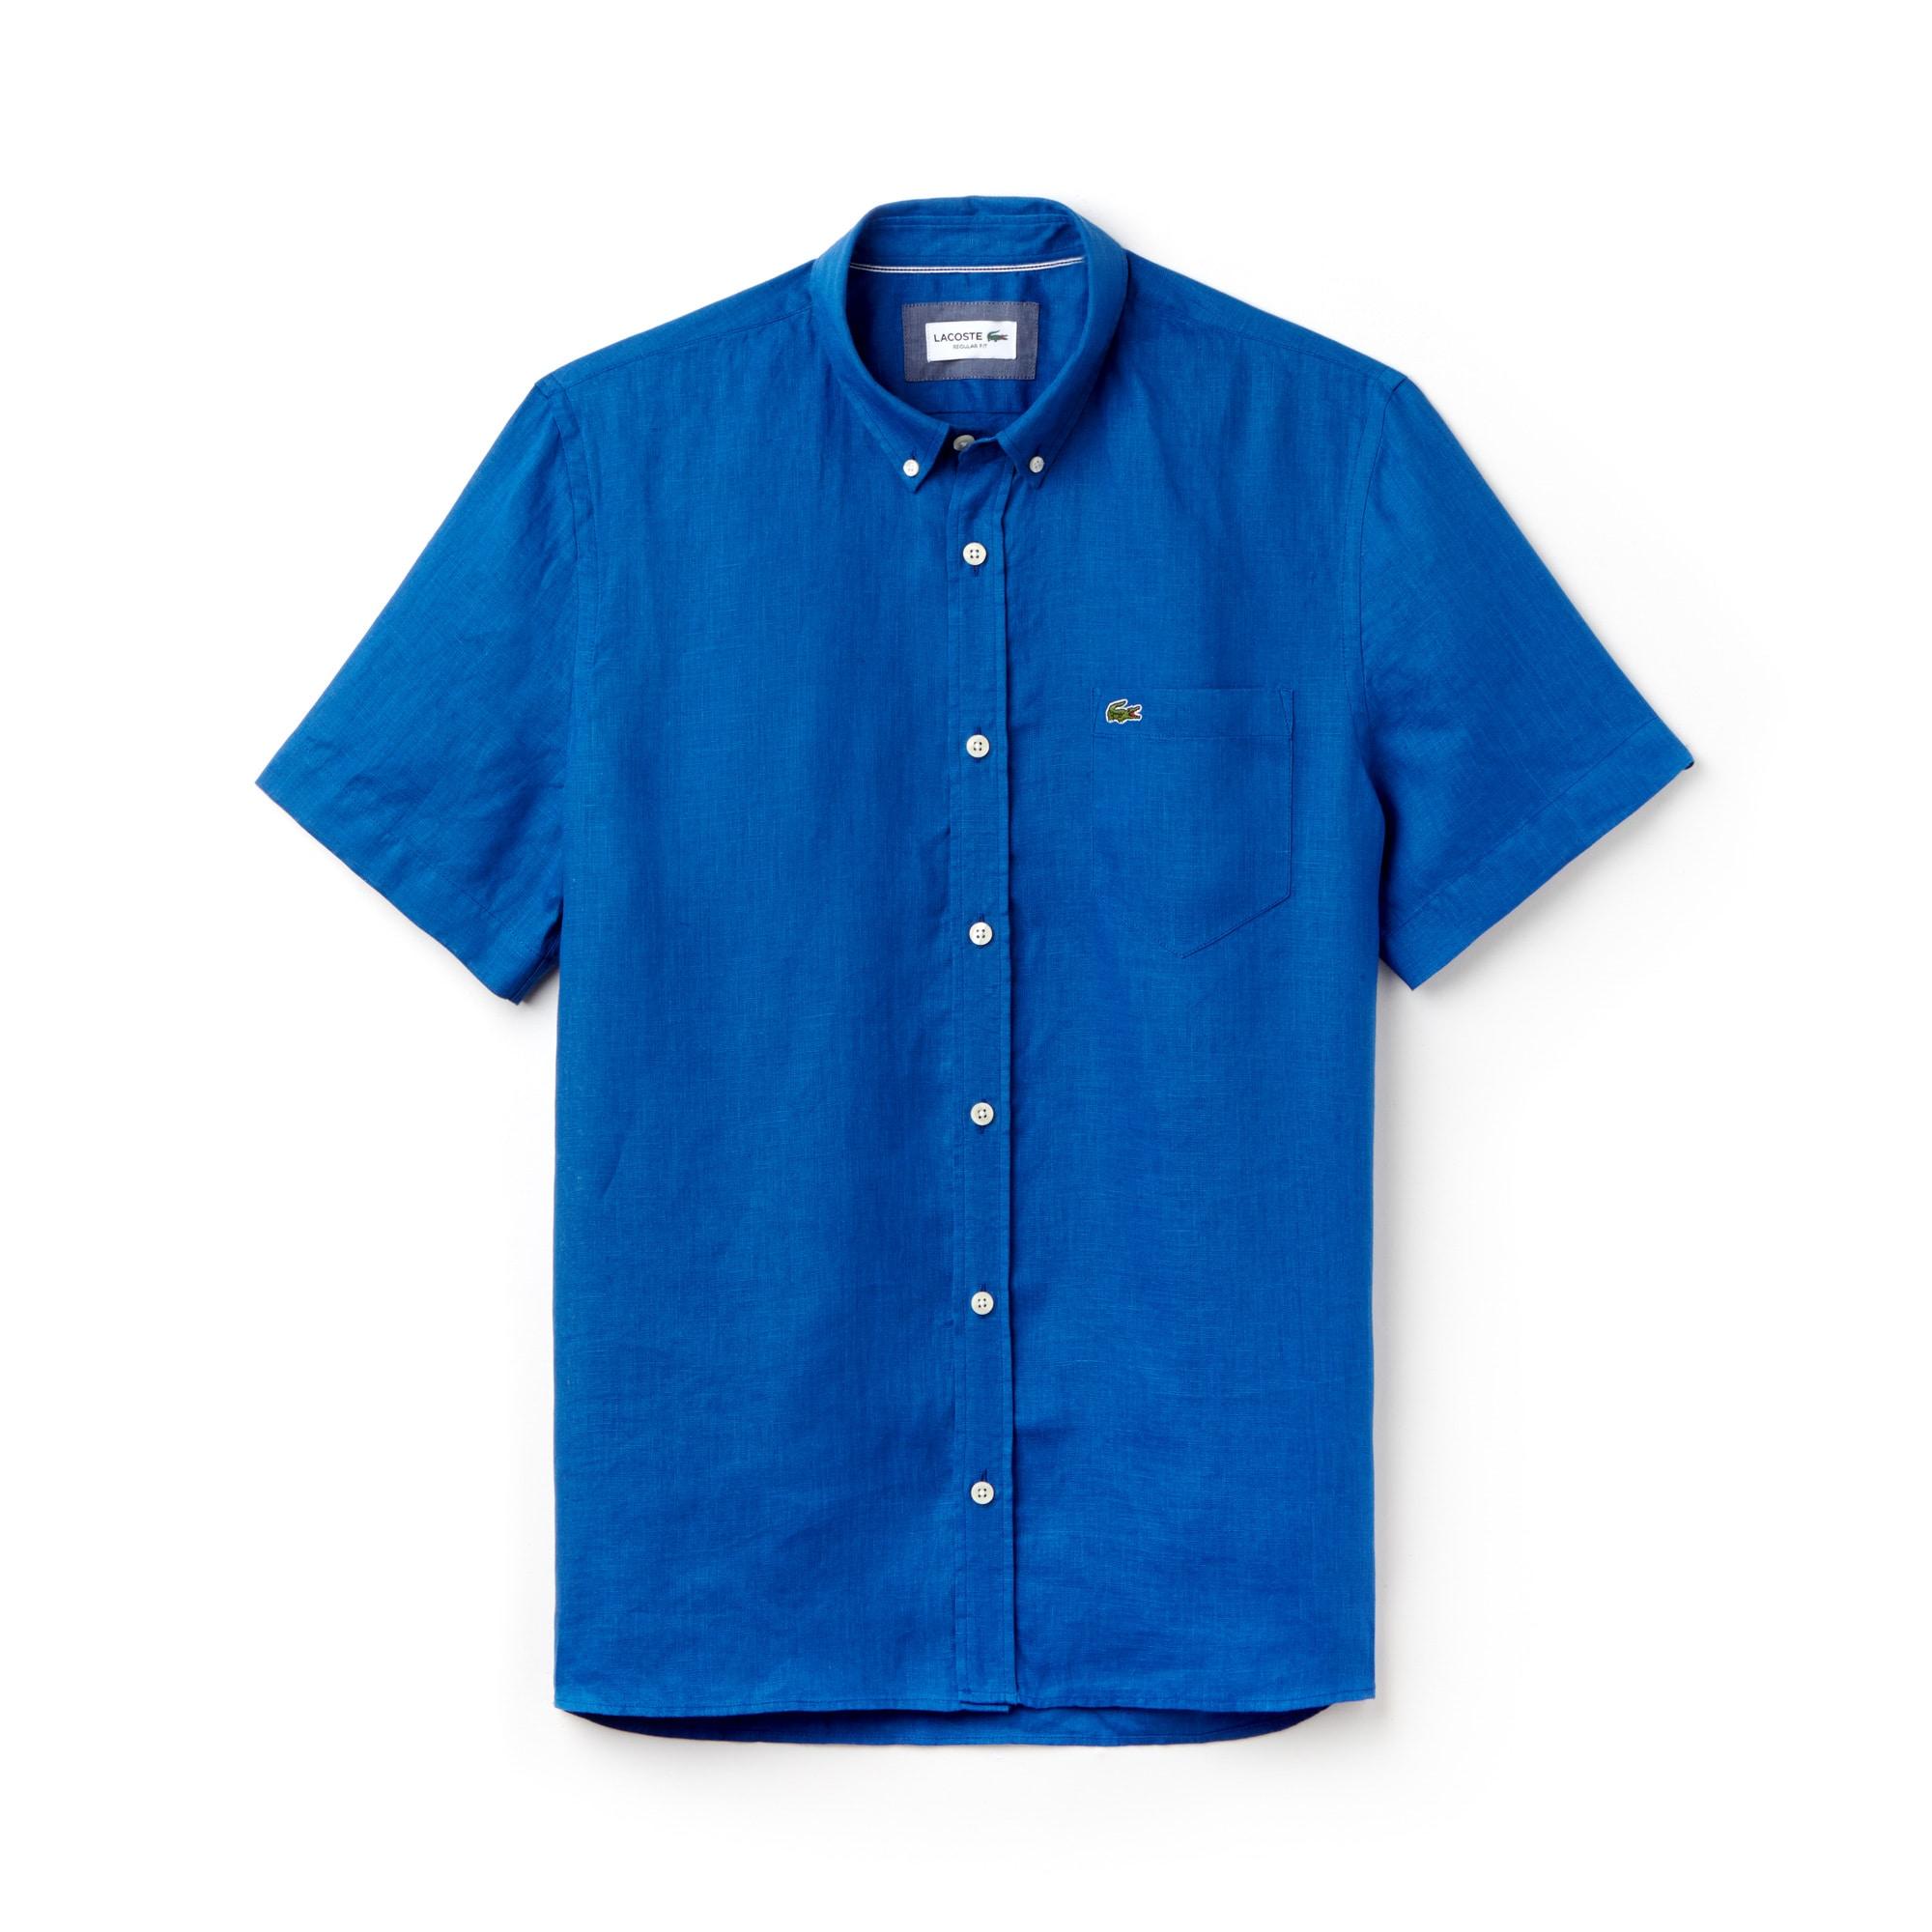 라코스테 반팔 셔츠 Lacoste Mens Regular Fit Linen Shirt,electric